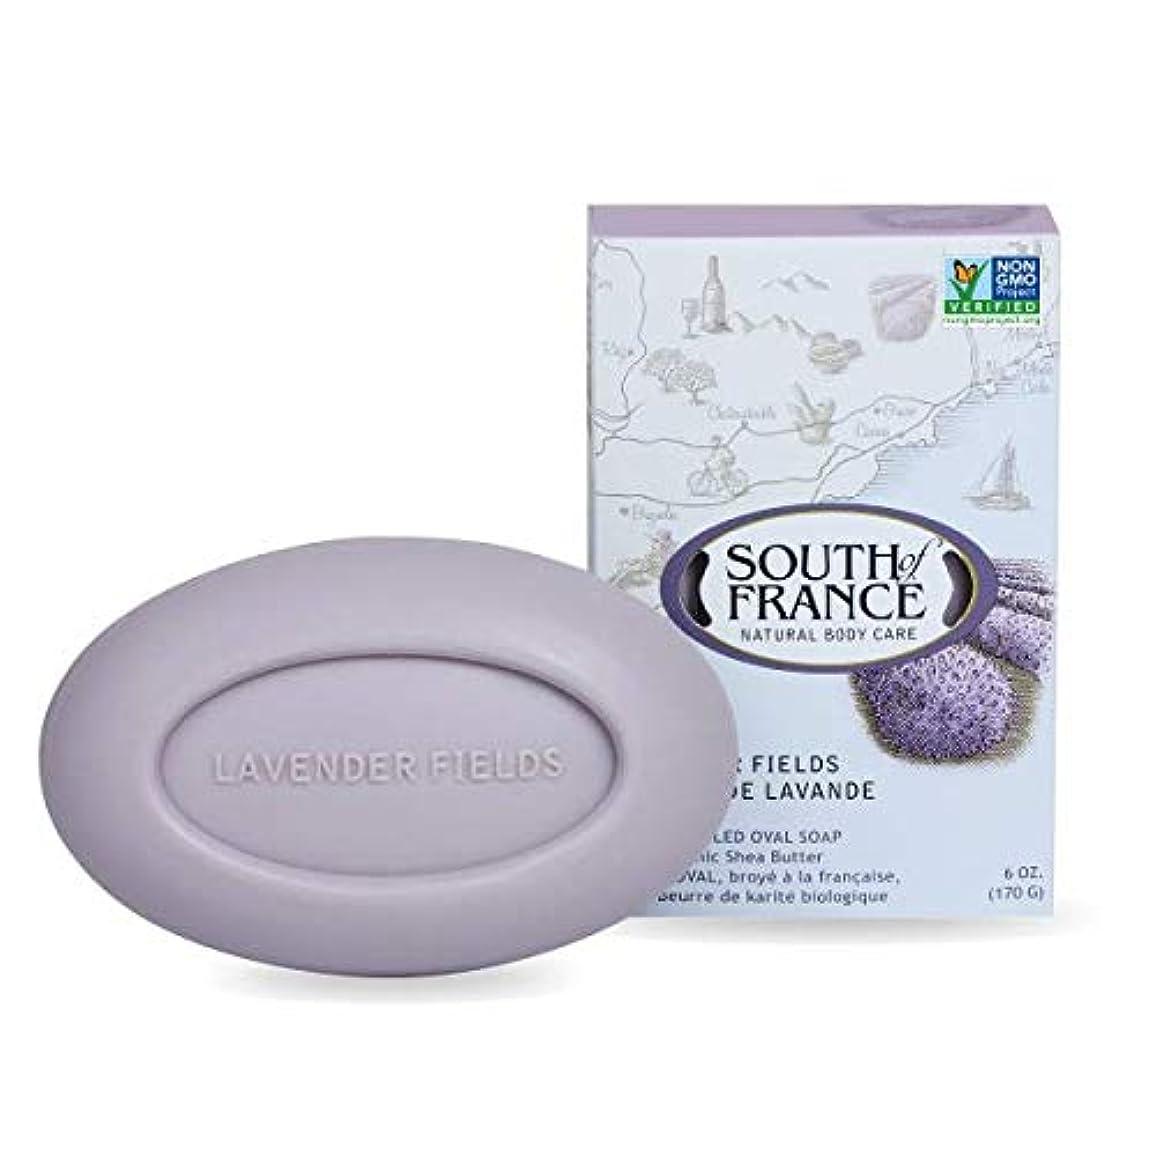 モザイク不適切なスペイン語South of France, Lavender, French Milled Bar Soap, 8 oz (227 g) (Discontinued Item)